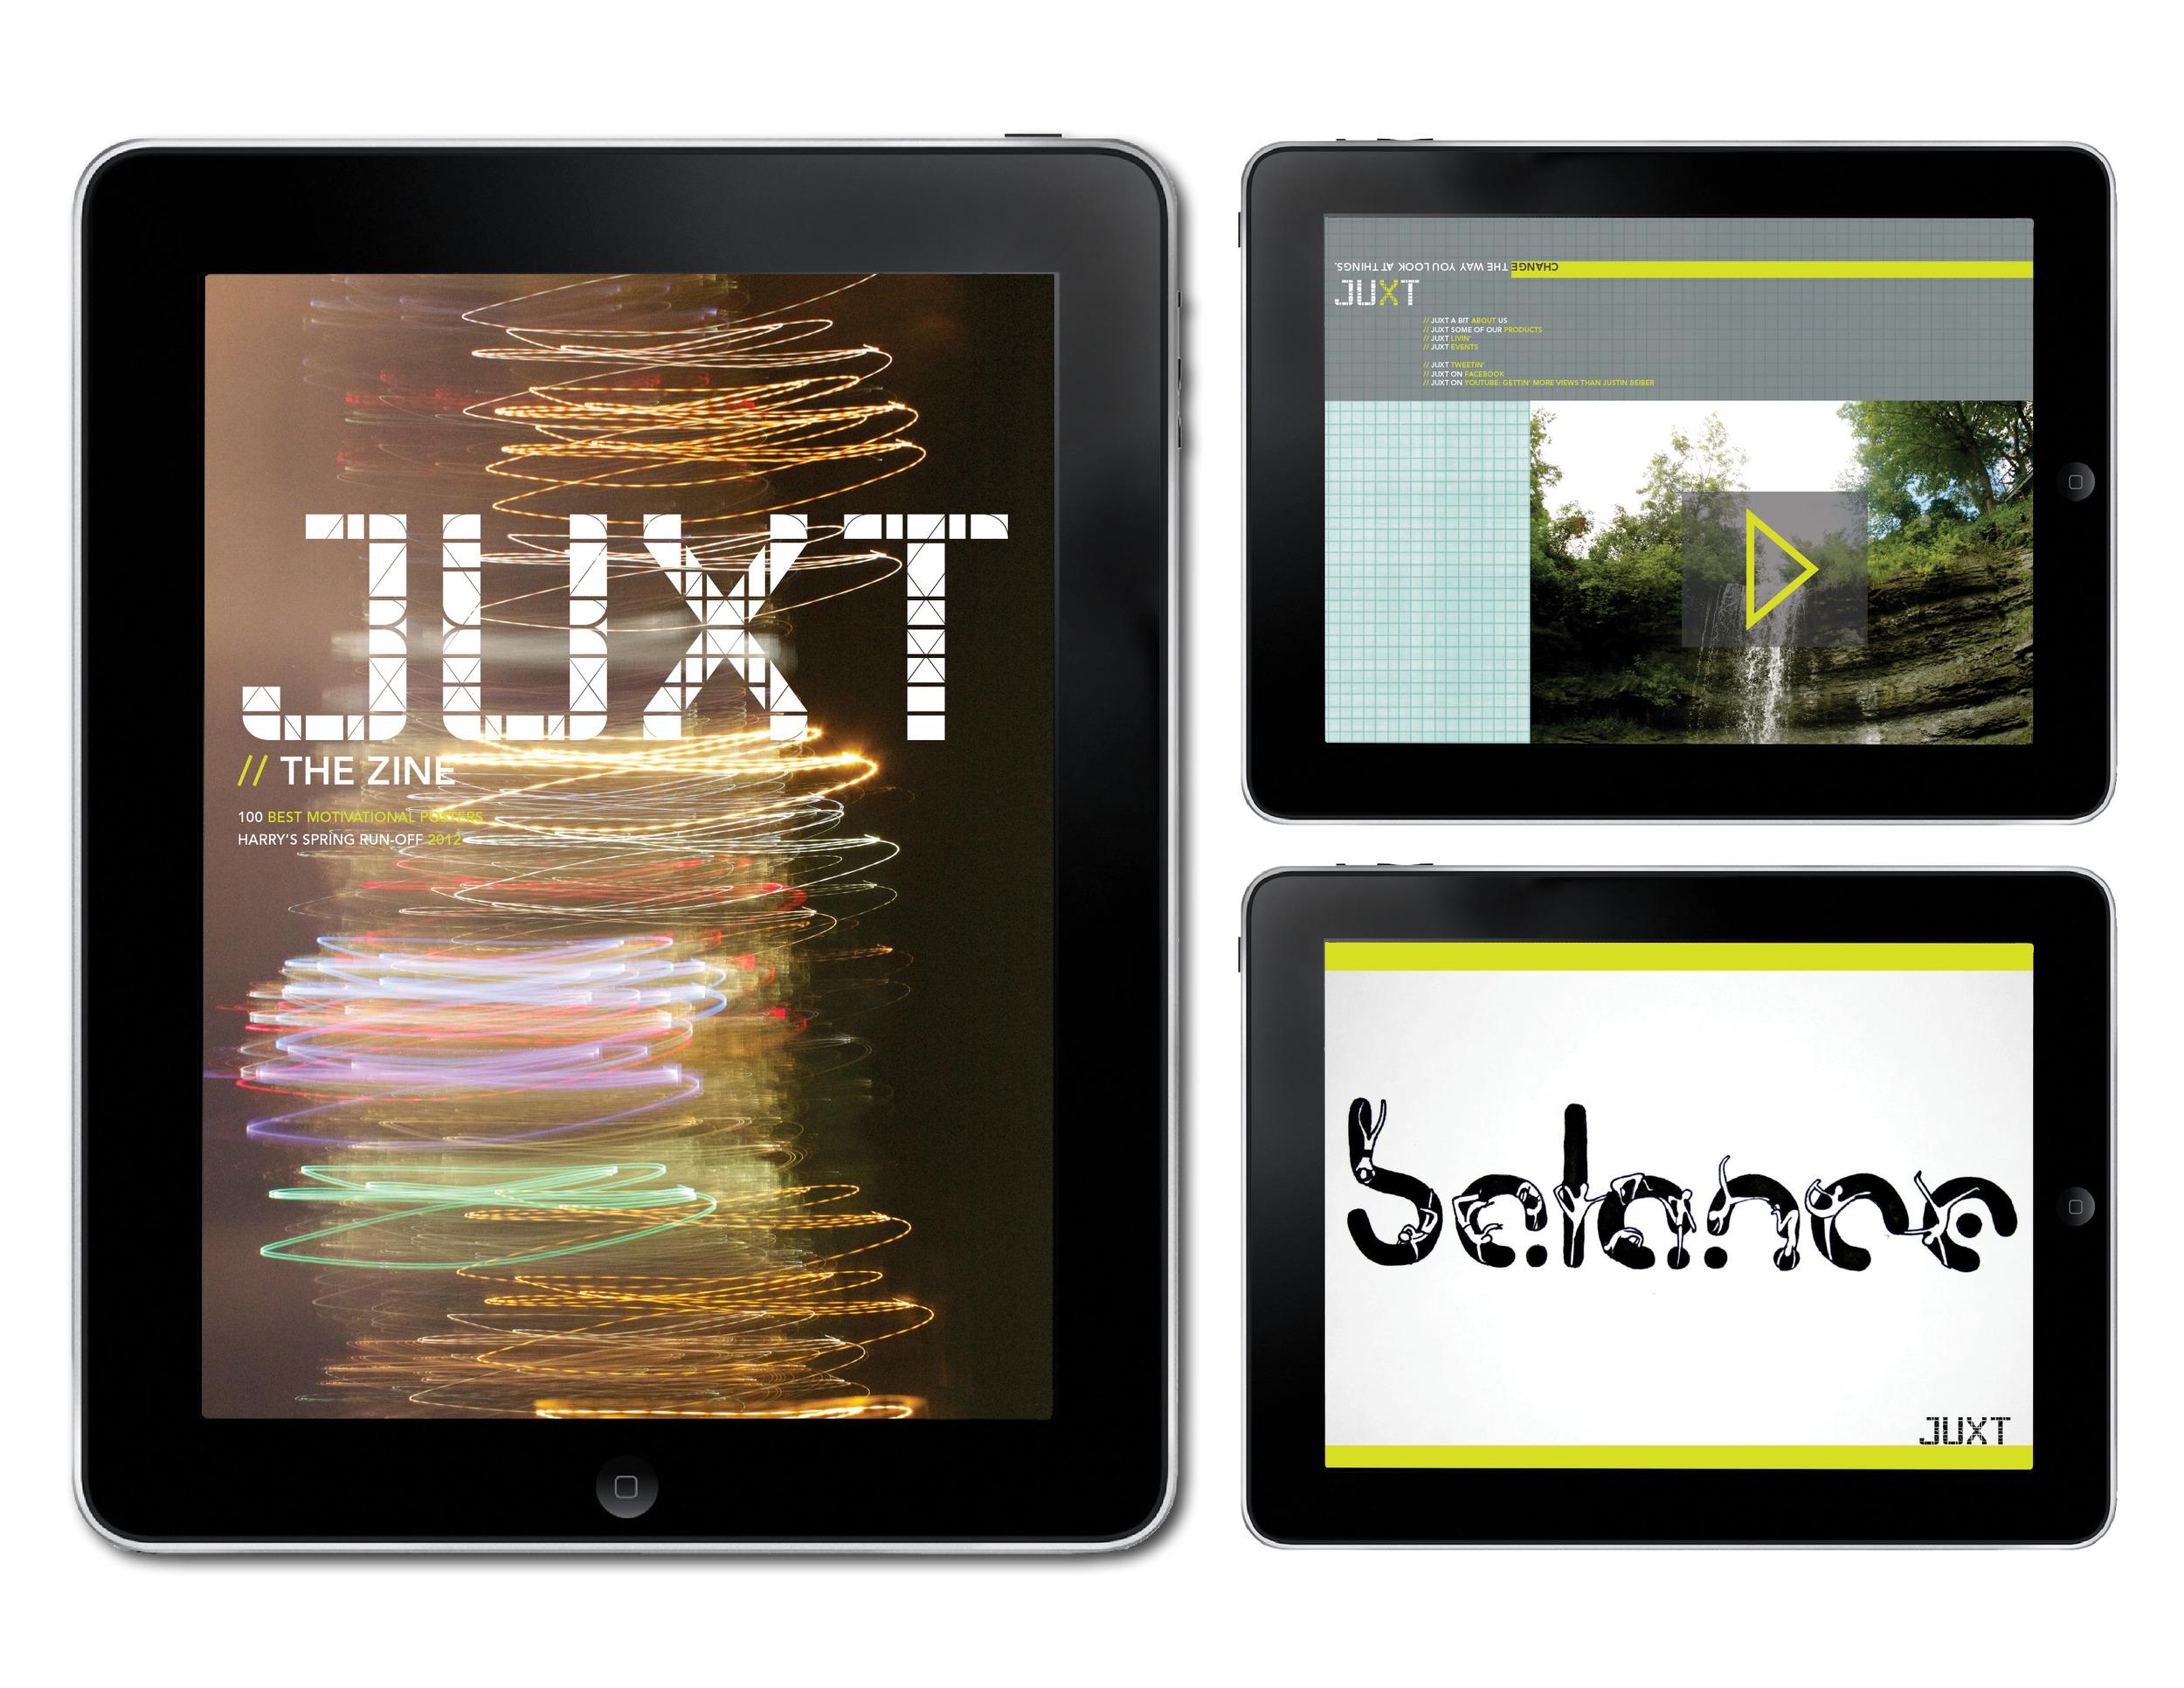 JUXT- iPad Zine